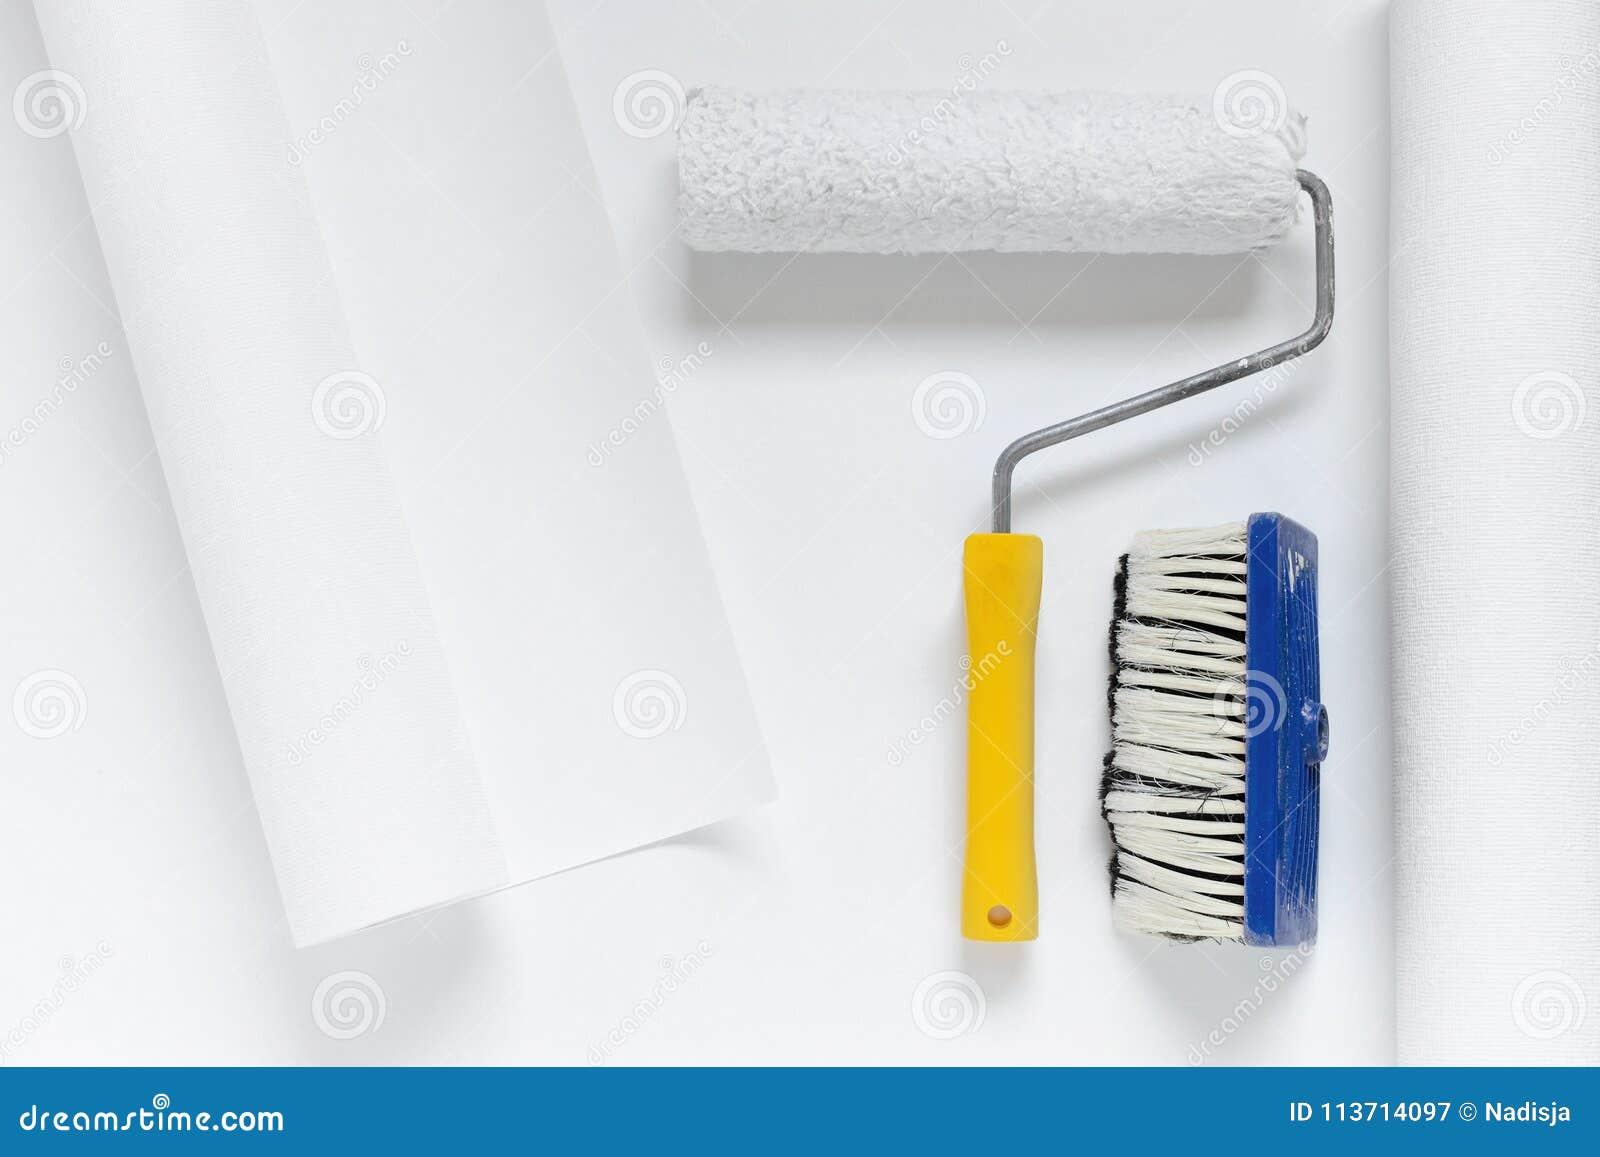 Le Rouleau De Peinture Et Une Brosse Sur Le Papier Peint Blanc